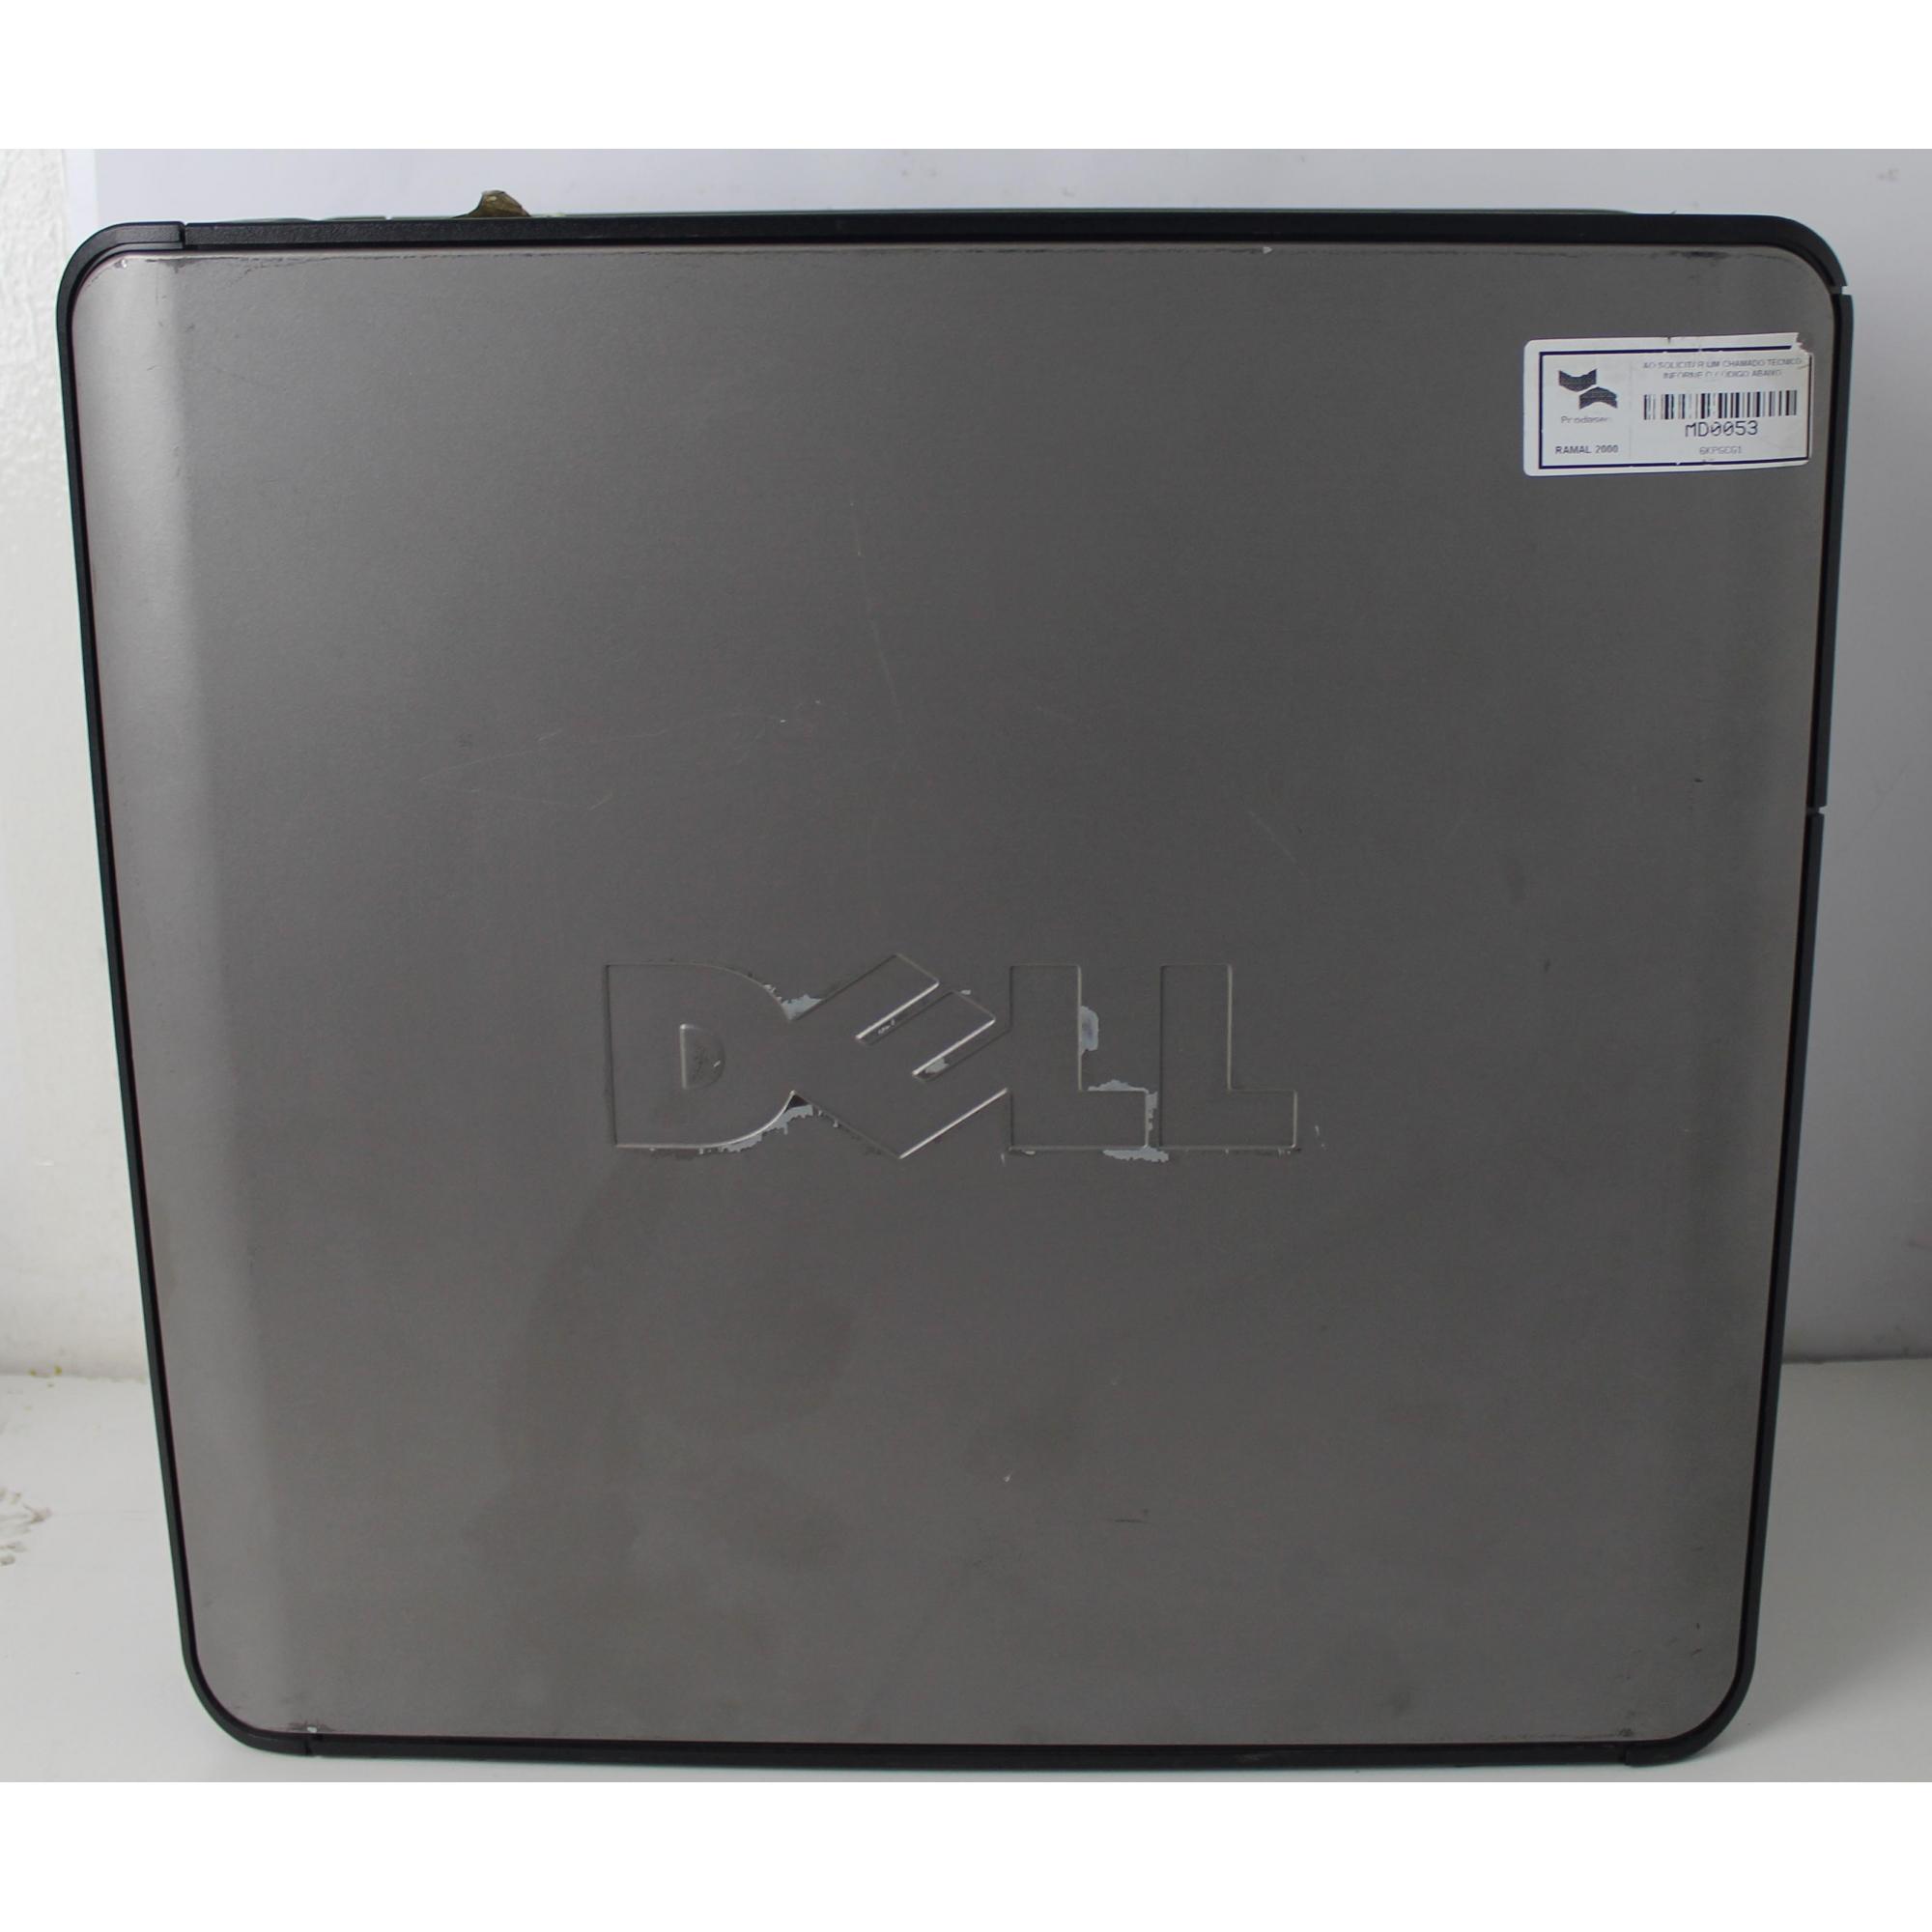 CPU Dell Optiplex 755 Core 2 Duo 1.8Ghz 4GB HD - 160GB